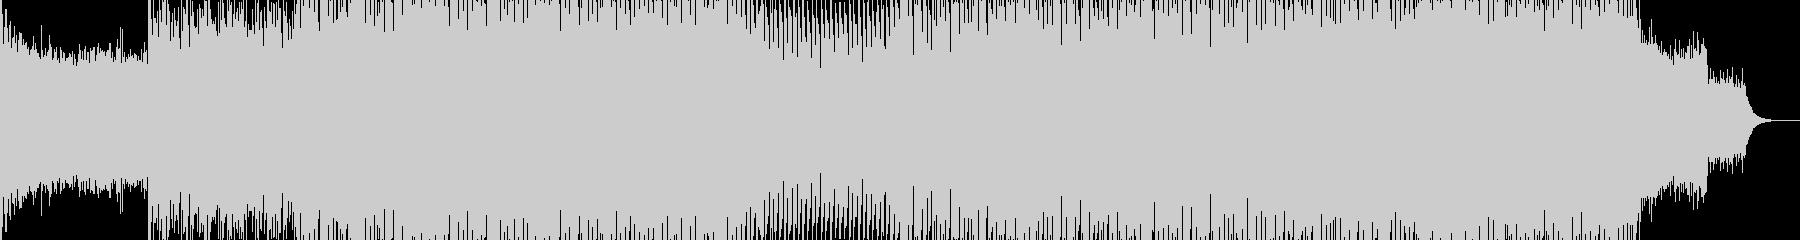 EDMクラブ系ダンスミュージック-67の未再生の波形